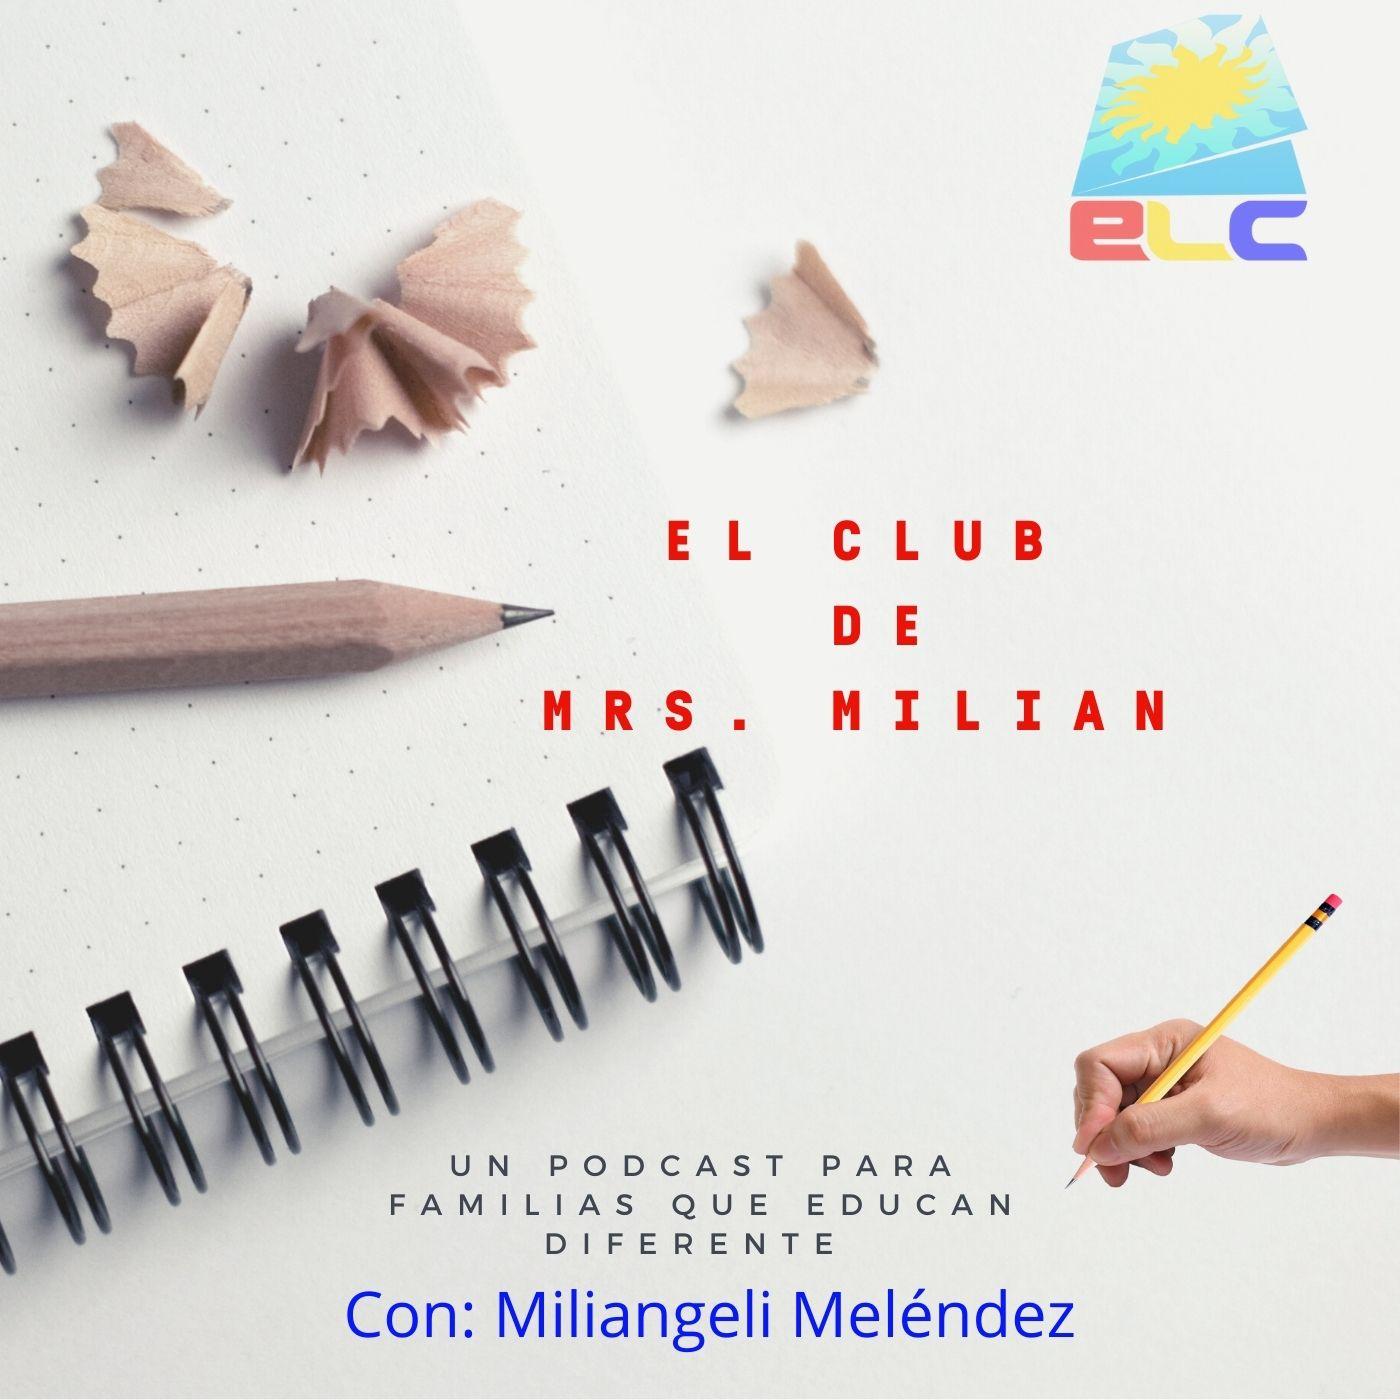 El Club de Mrs. Milian  show art